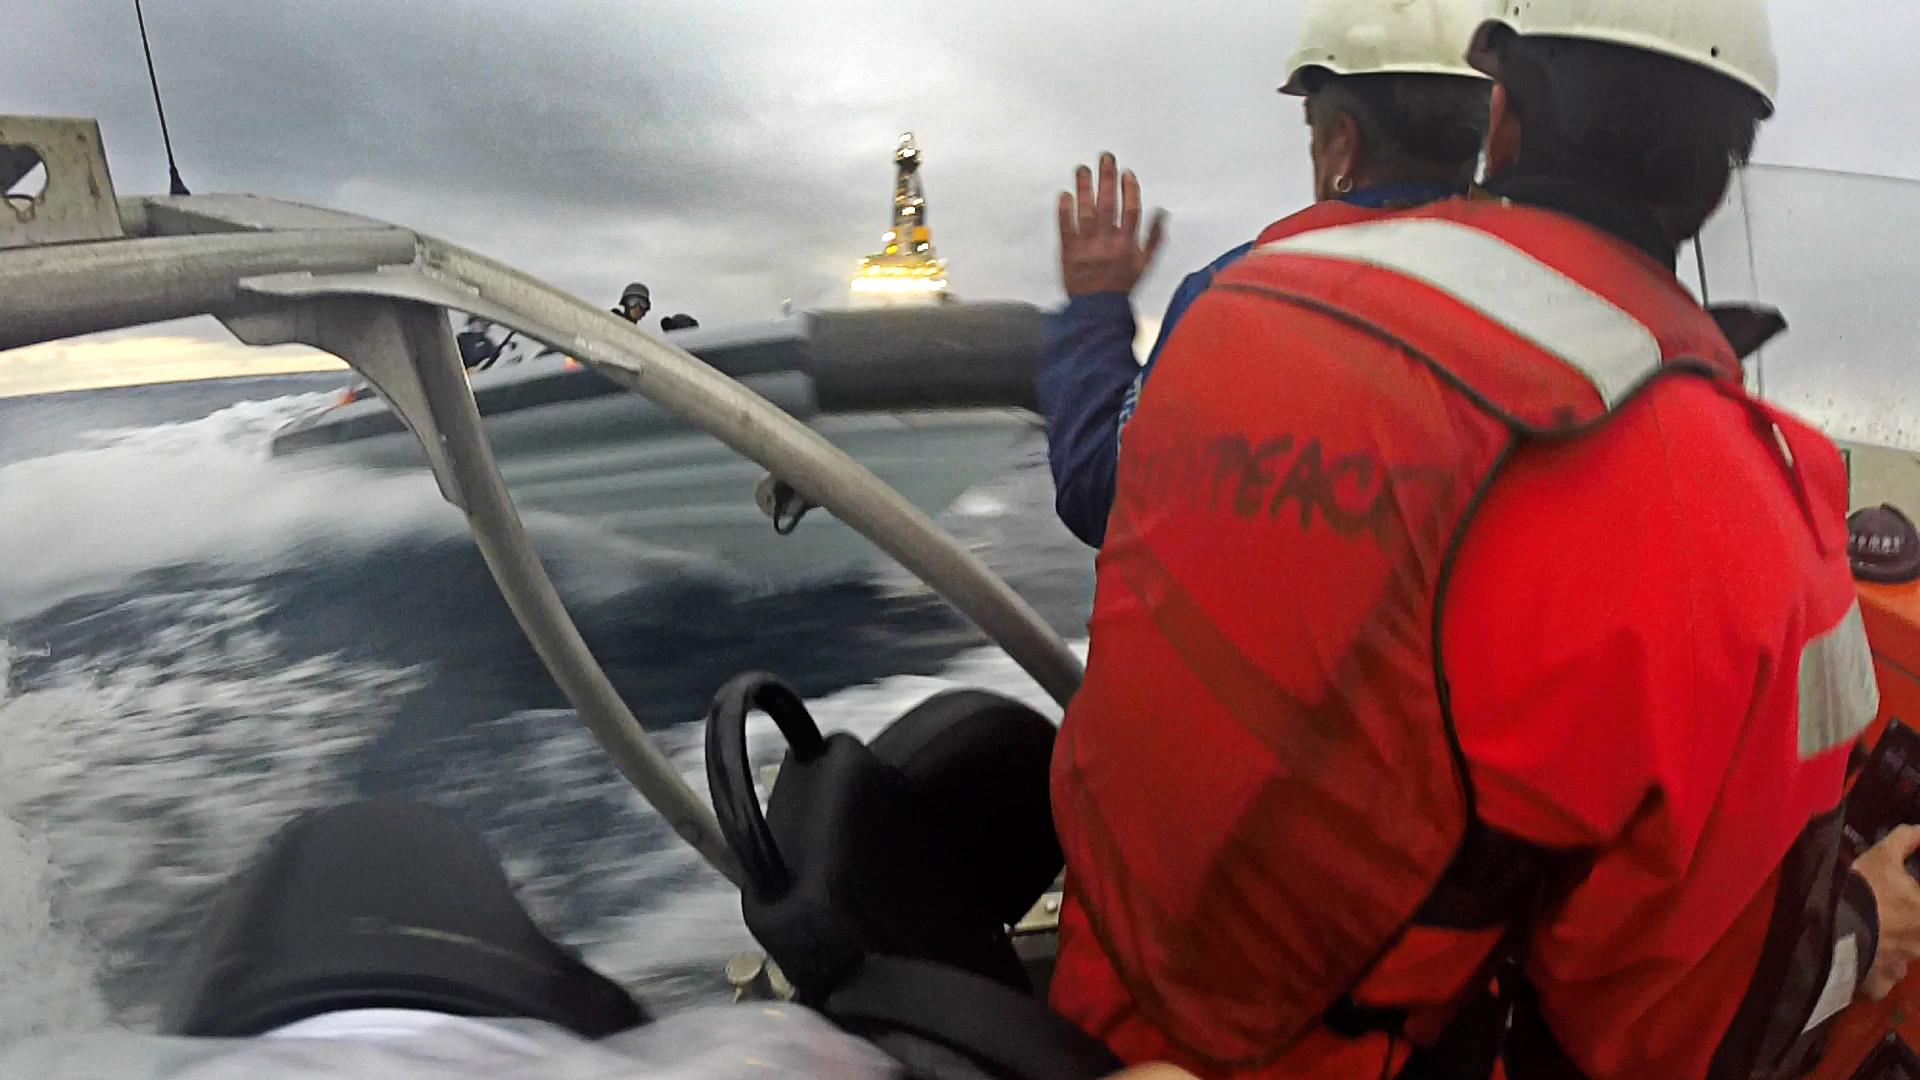 VIDEO | Las imágenes de la Armada española embistiendo a miembros de Greenpeace